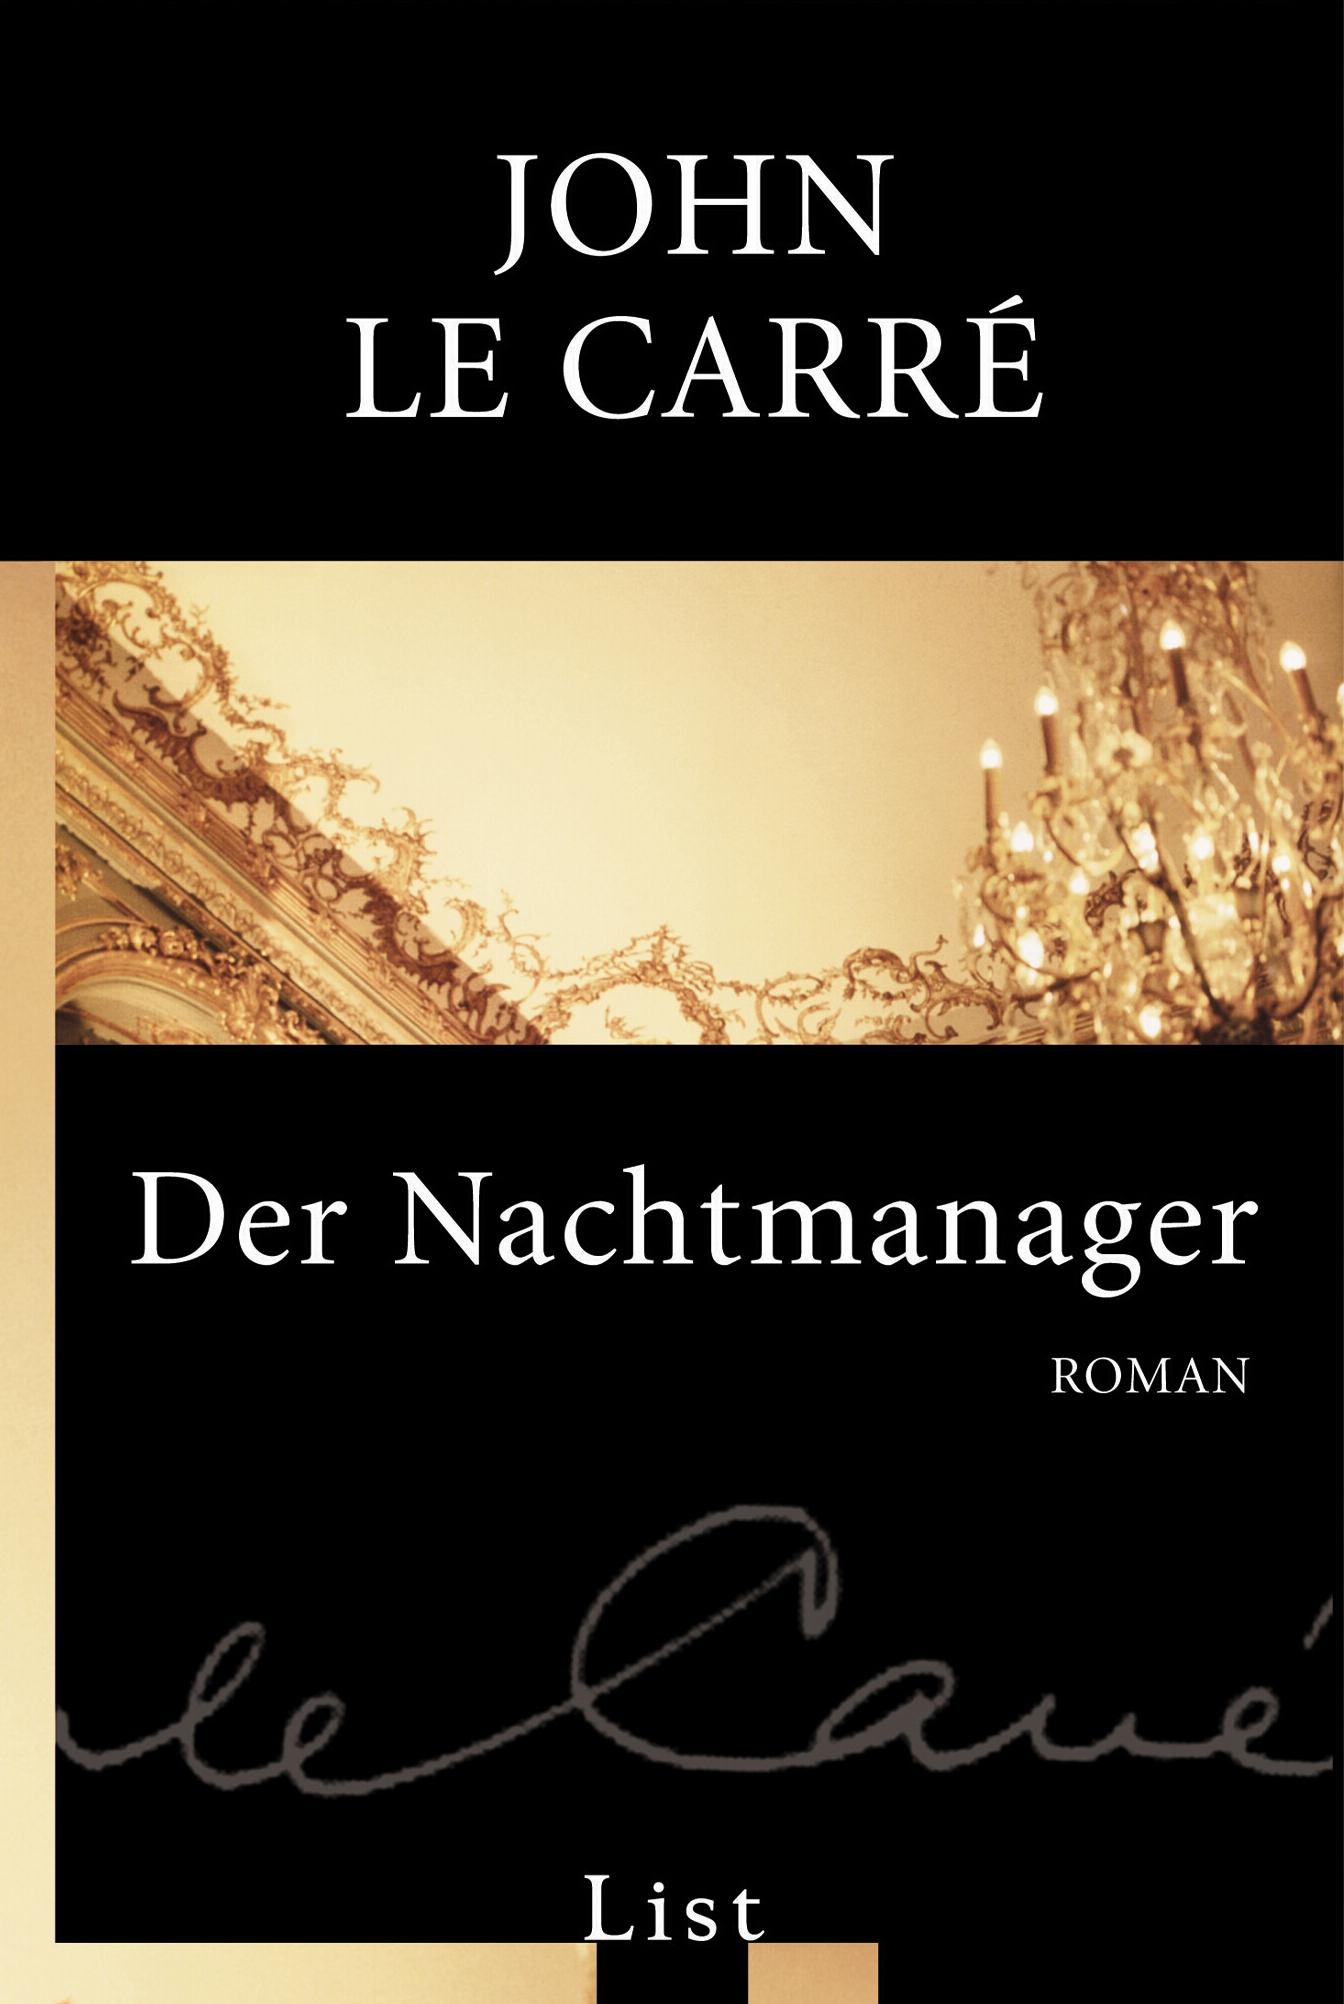 Der Nachtmanager - John Le Carré